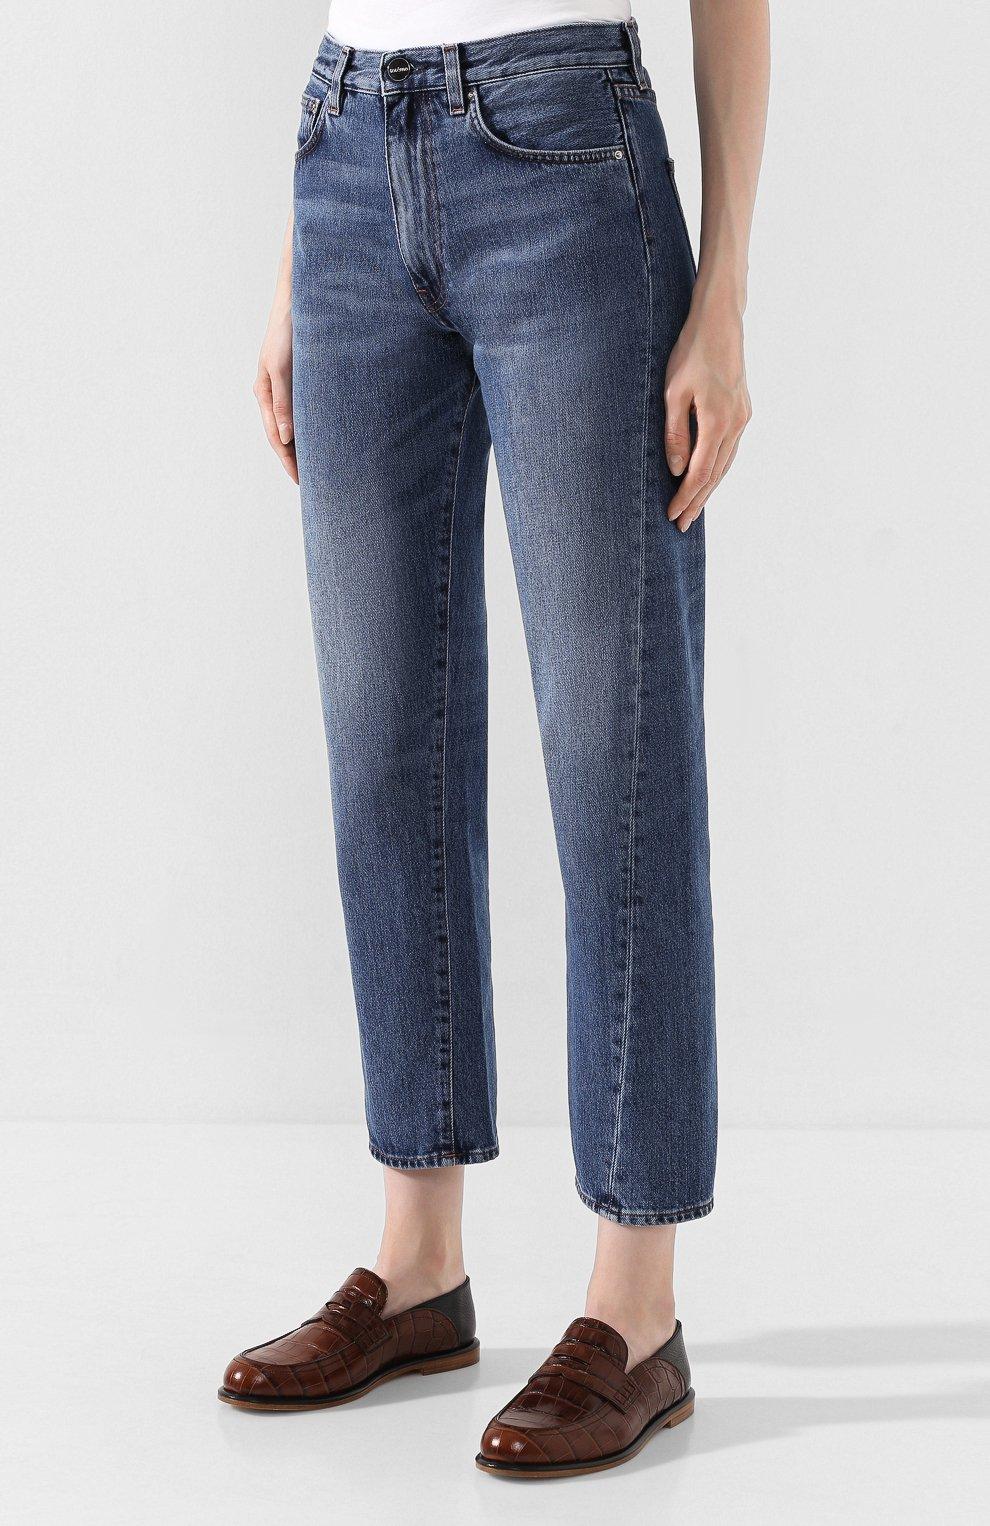 Женские джинсы TOTÊME синего цвета, арт. 0RIGINAL DENIM 32 193-232-740 | Фото 3